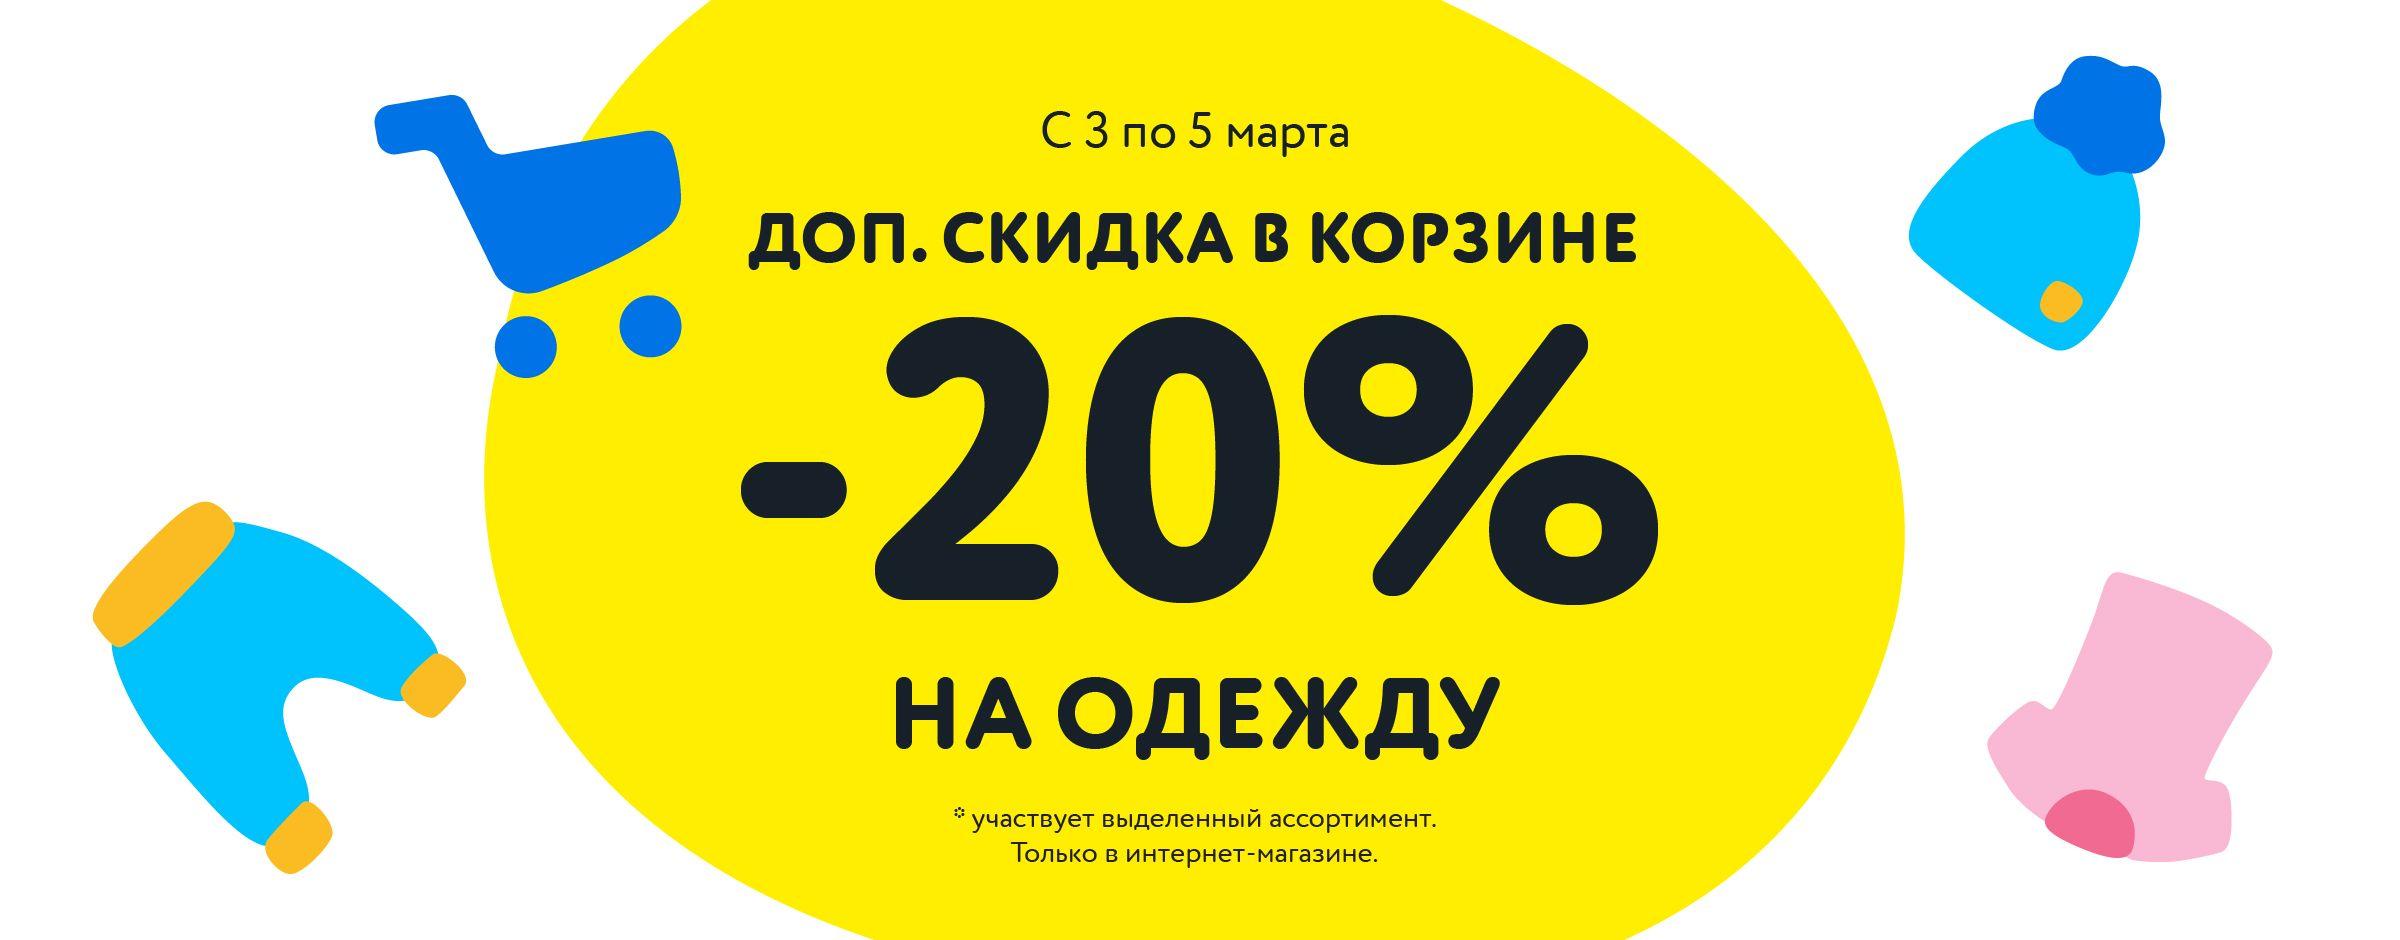 Доп. скидка 20% на одежду из выделенного ассортимента в корзине